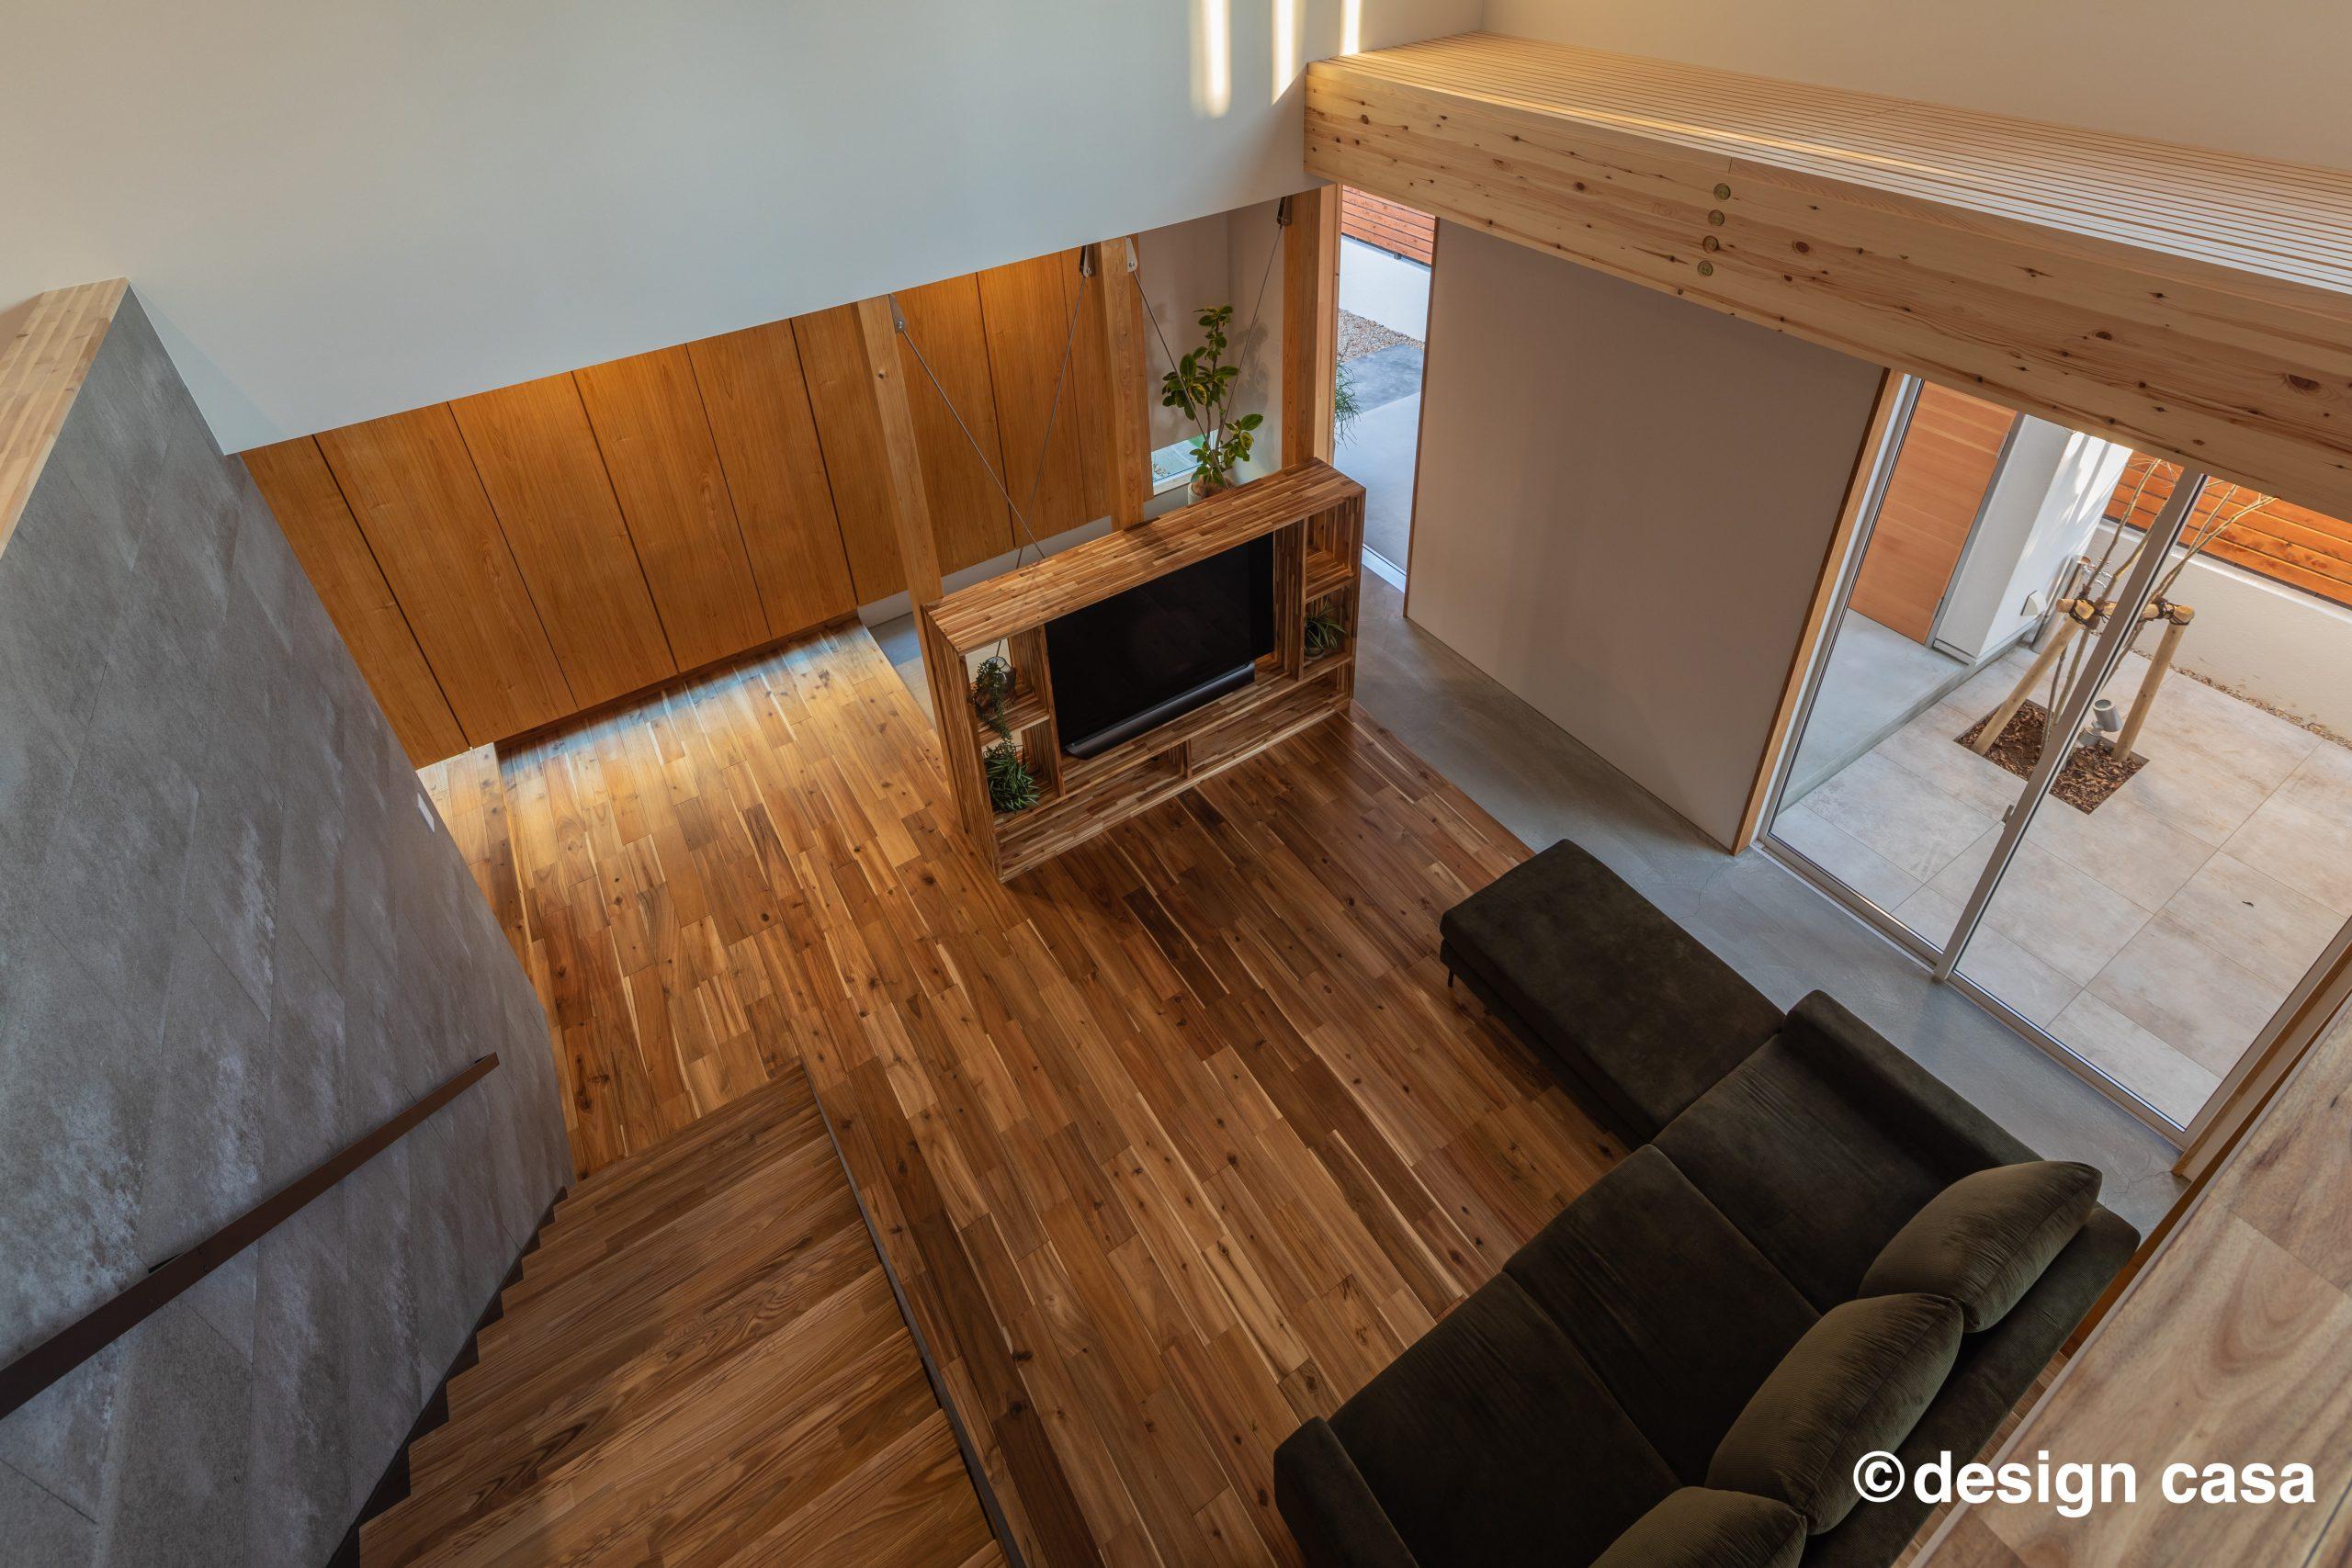 愛知の固定資産税の対象となる新築一戸建ての注文住宅の画像集:無垢と漆喰のリビングの実例